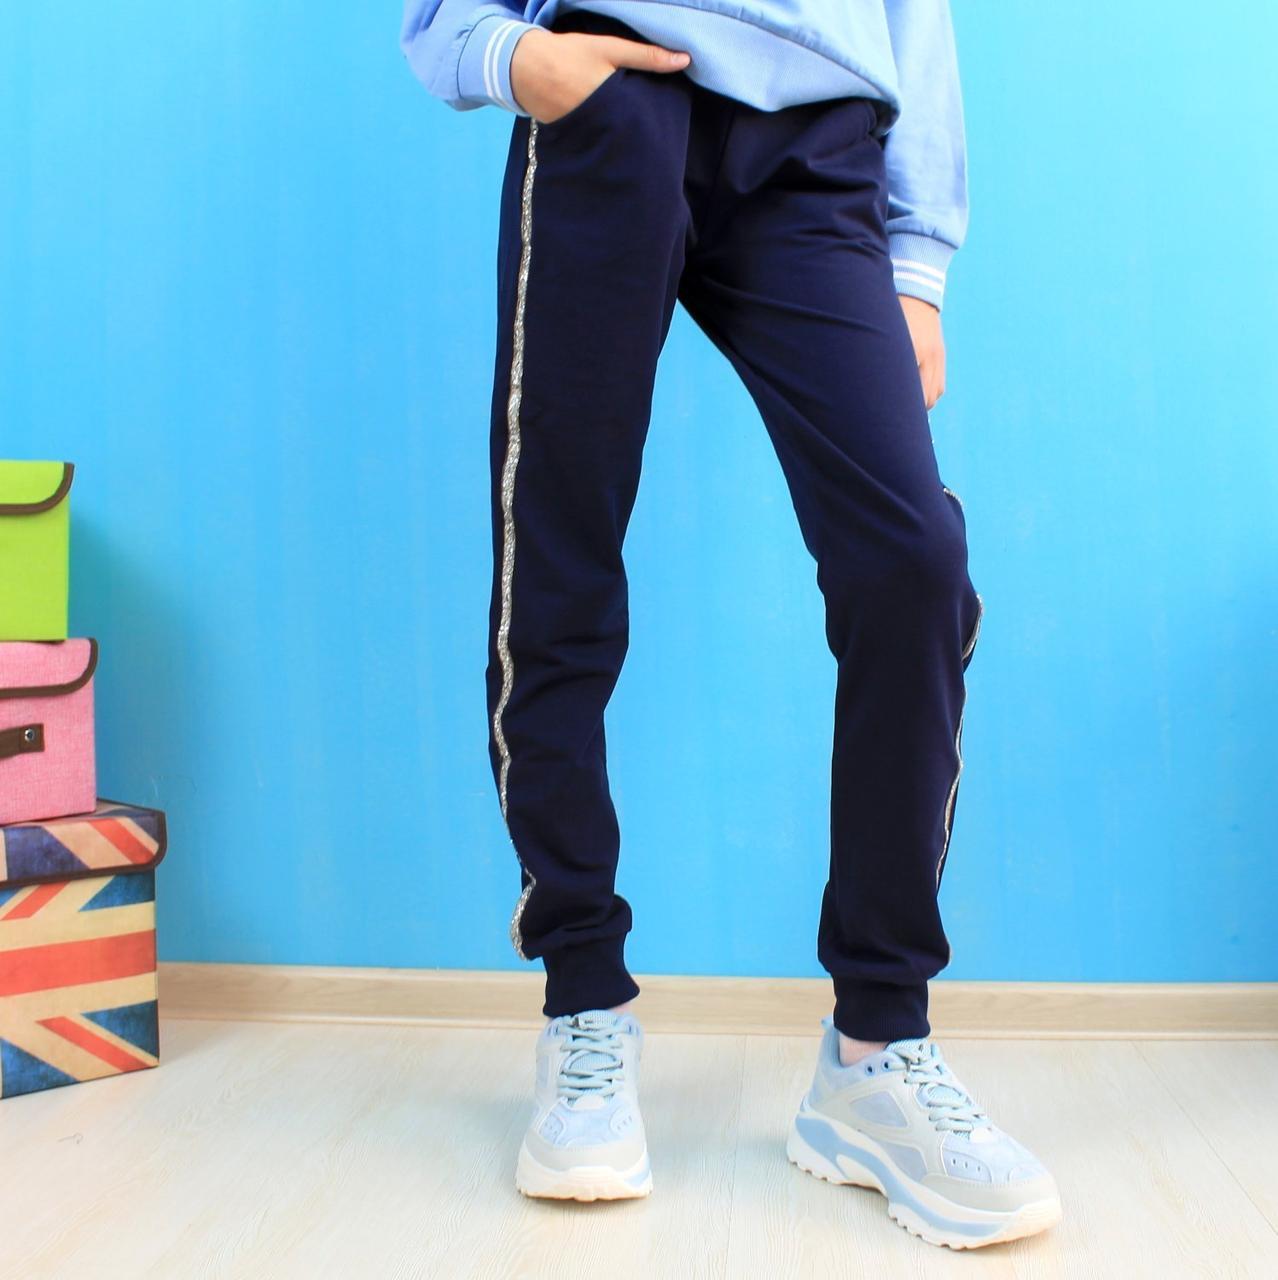 52077 Спортивные штаны для девочки Блестки тм Seagull размер 134 см